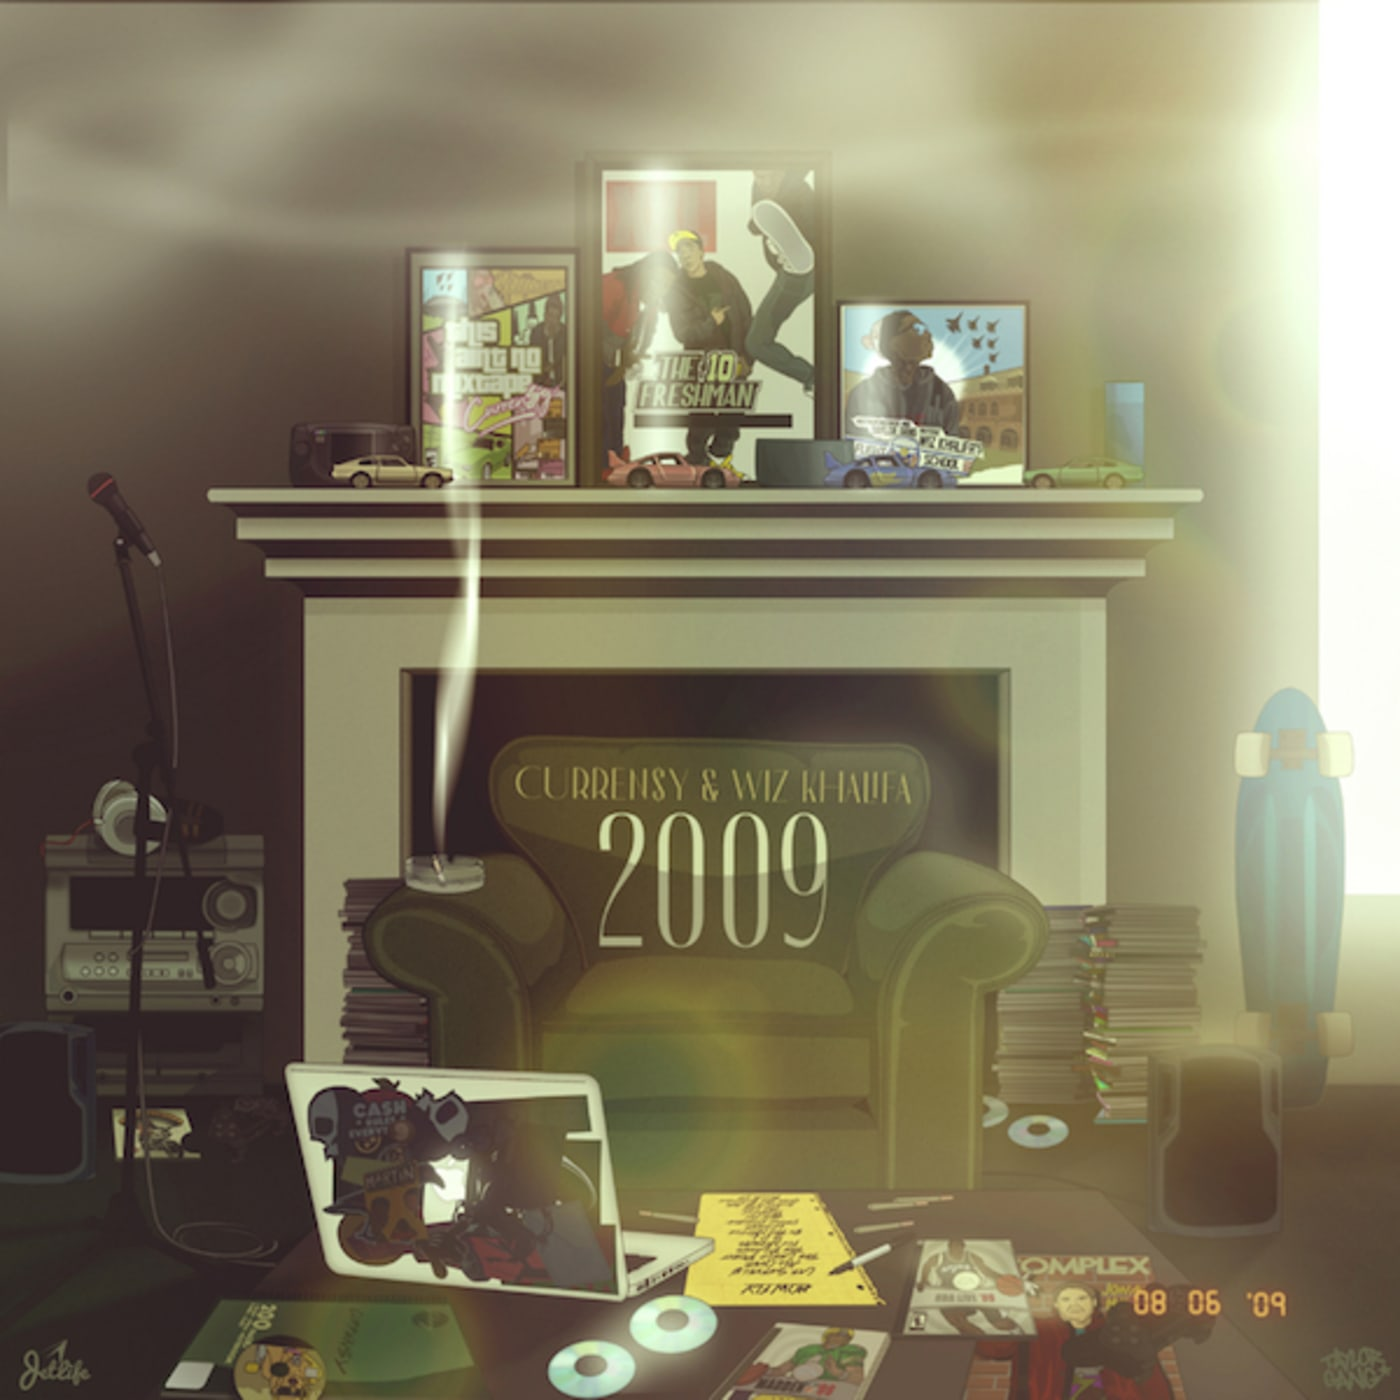 Wiz Khalifa and Currensy '2009' cover